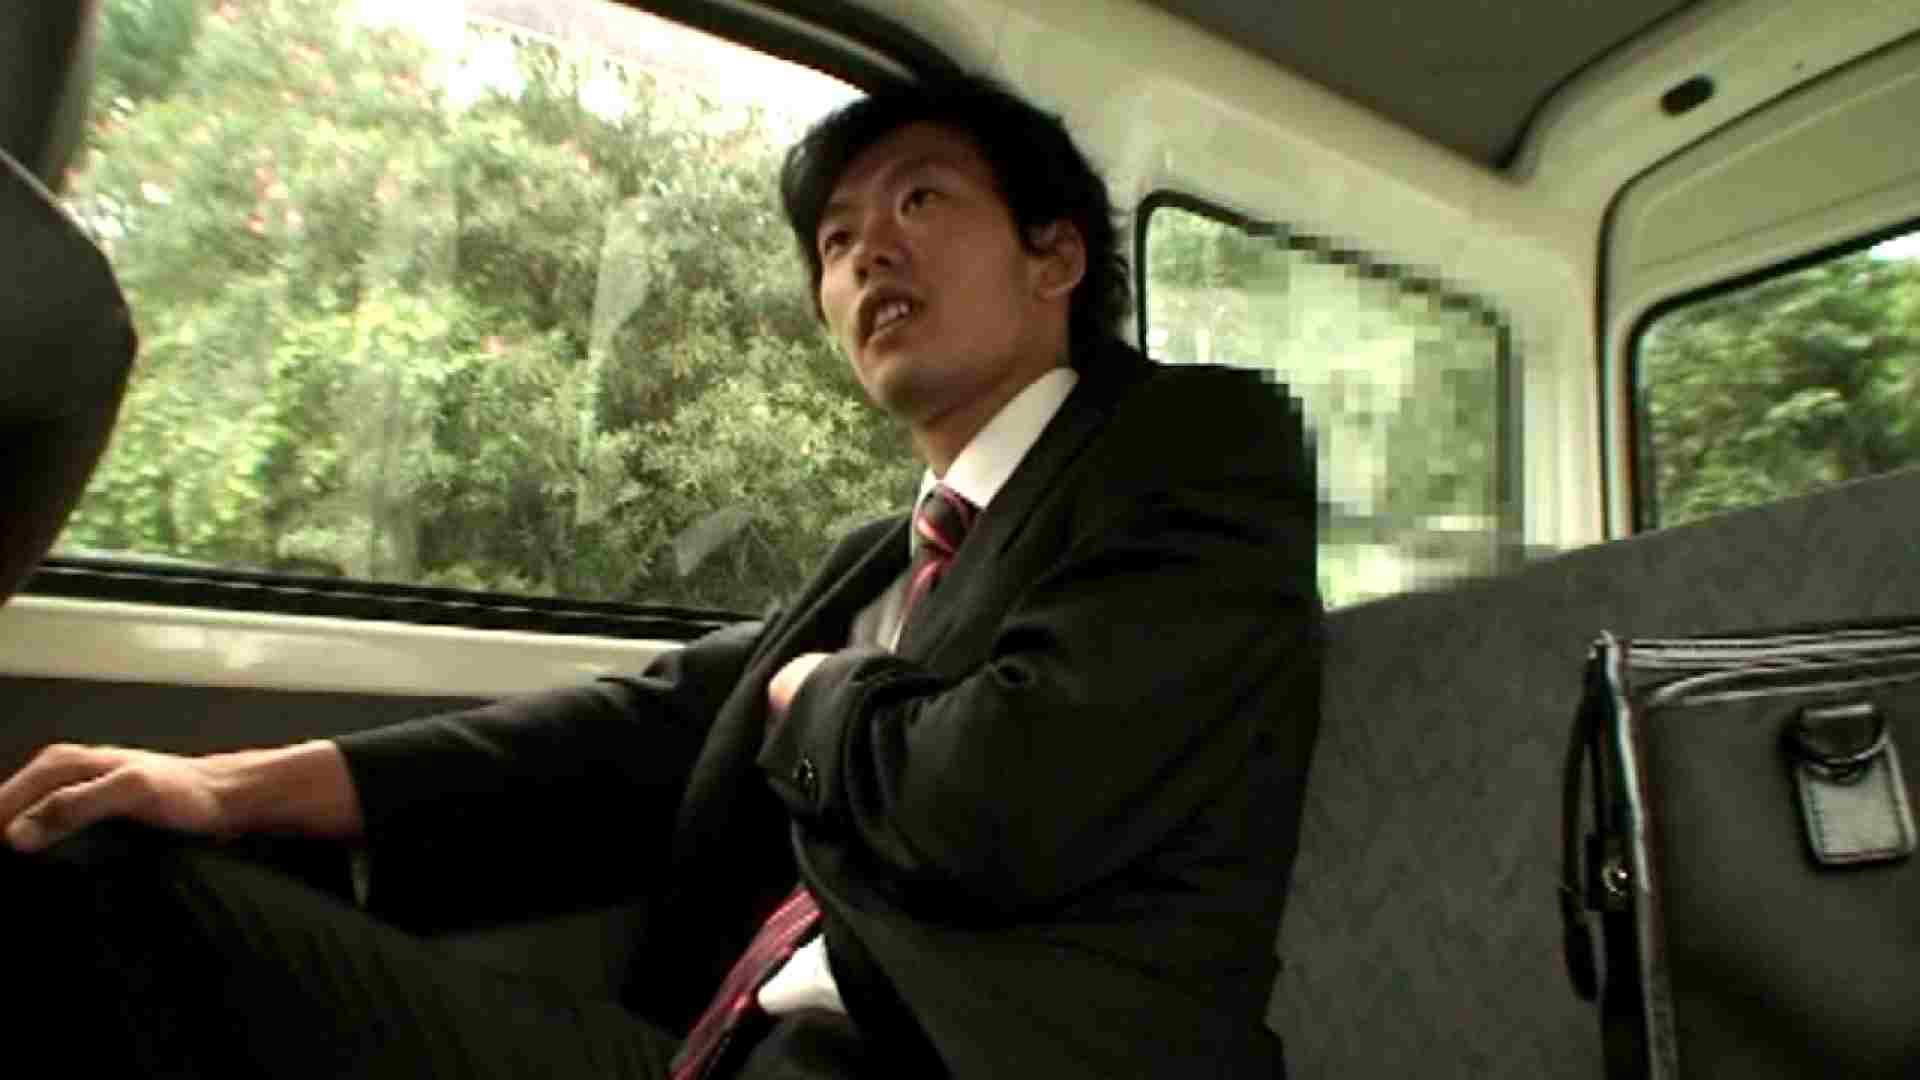 亜細亜のイケメンがイクっ!File.06 手コキ ゲイエロビデオ画像 105pic 2